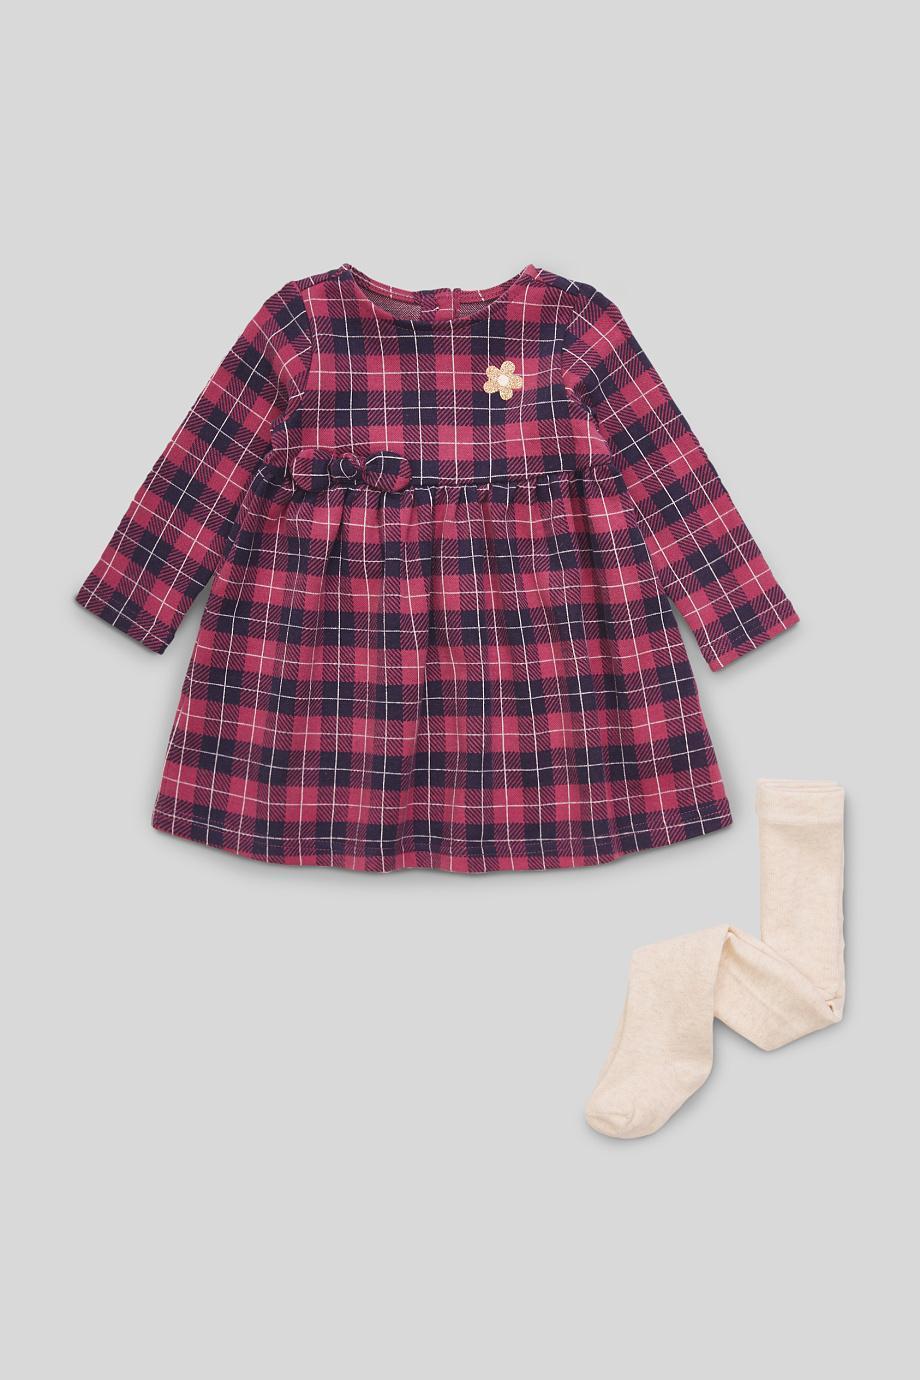 Отзыв на Набор - Детские Платья и колготы из Интернет-Магазина C&A